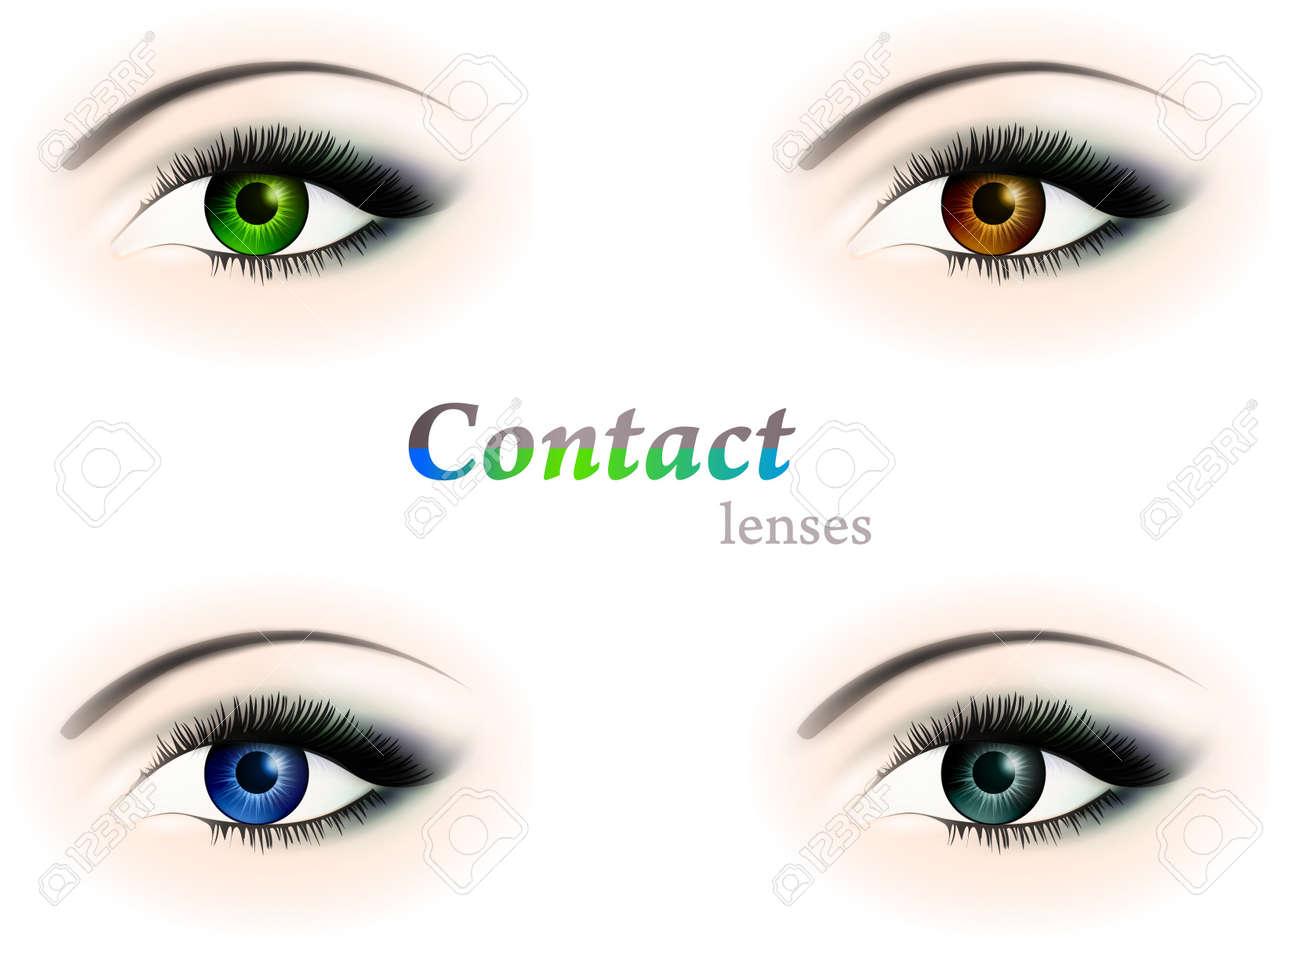 Vier Verschiedene Augen Mit Kontaktlinsen Farbe Braun Blau Grun